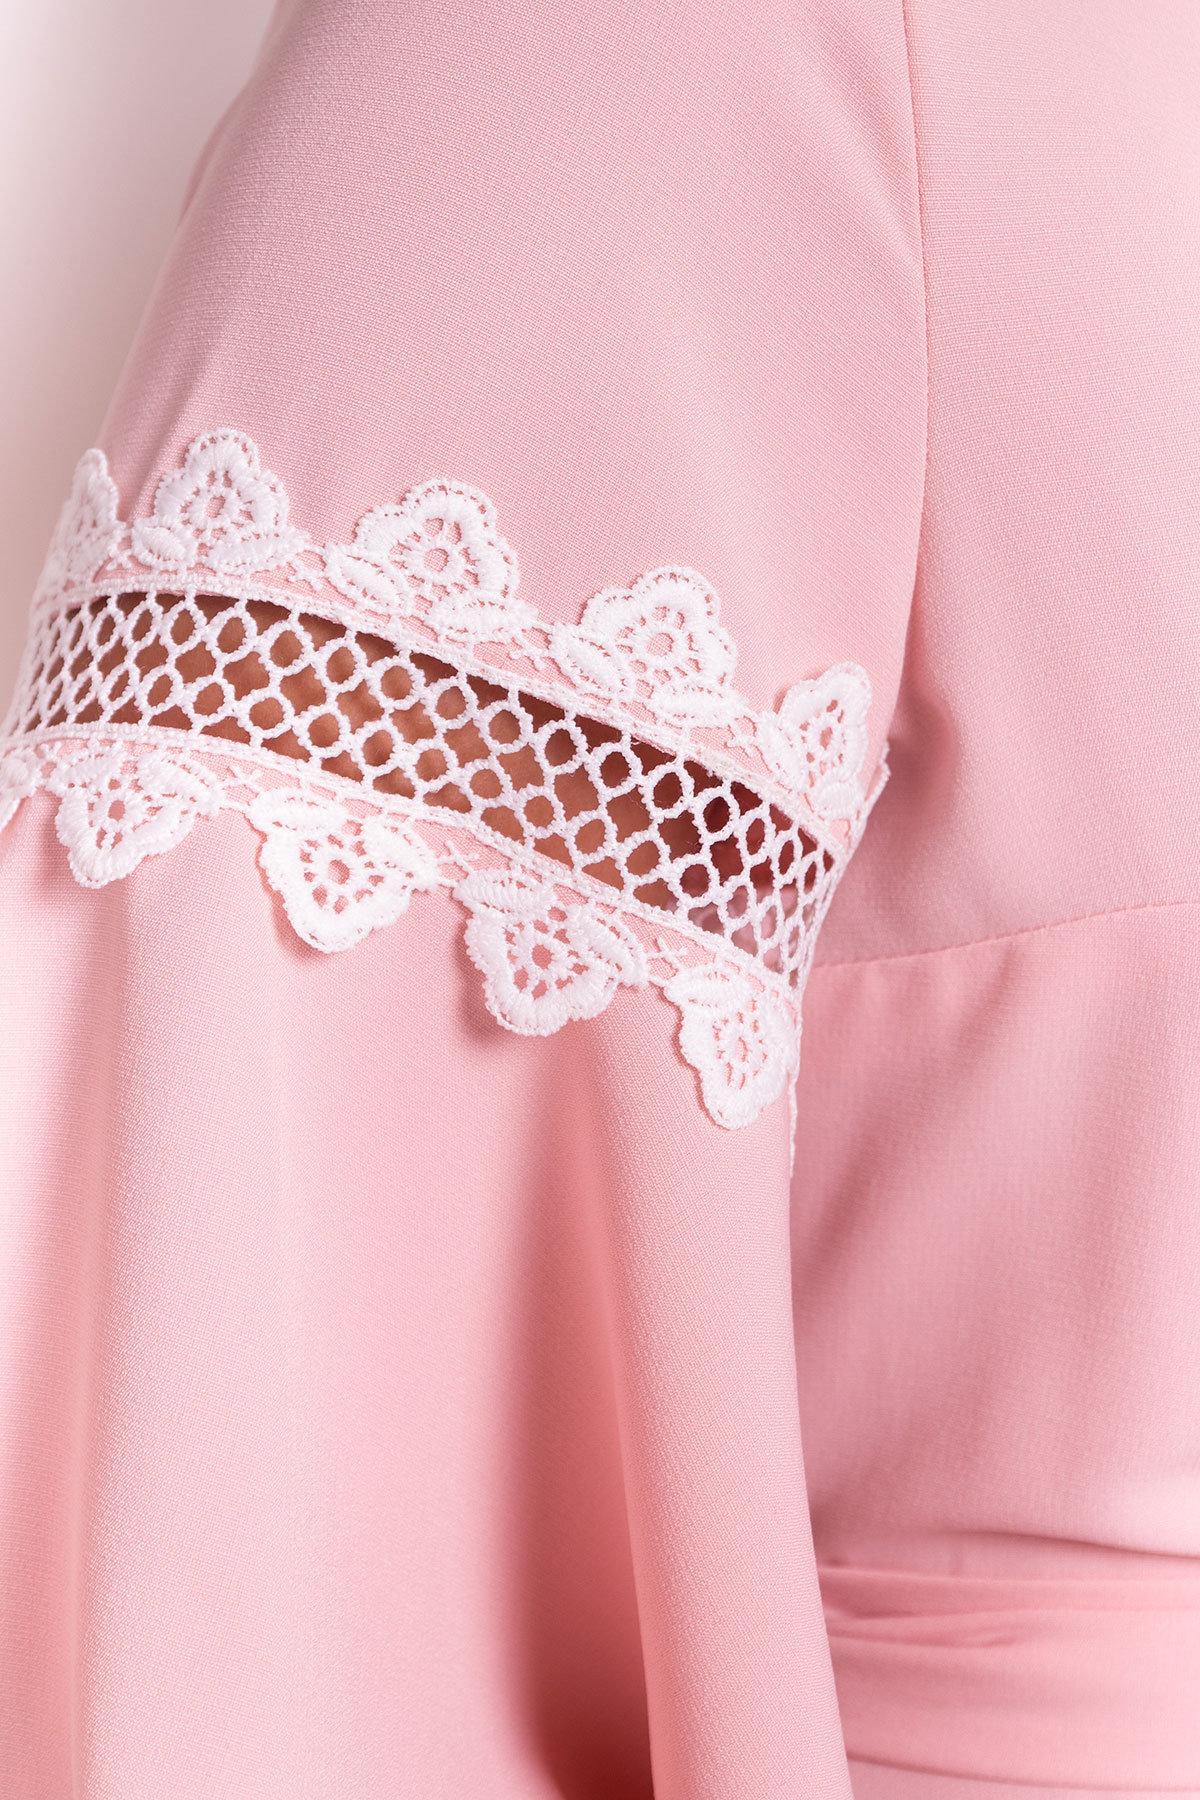 Платье Аделина Donna 5026 АРТ. 35523 Цвет: Персик - фото 4, интернет магазин tm-modus.ru